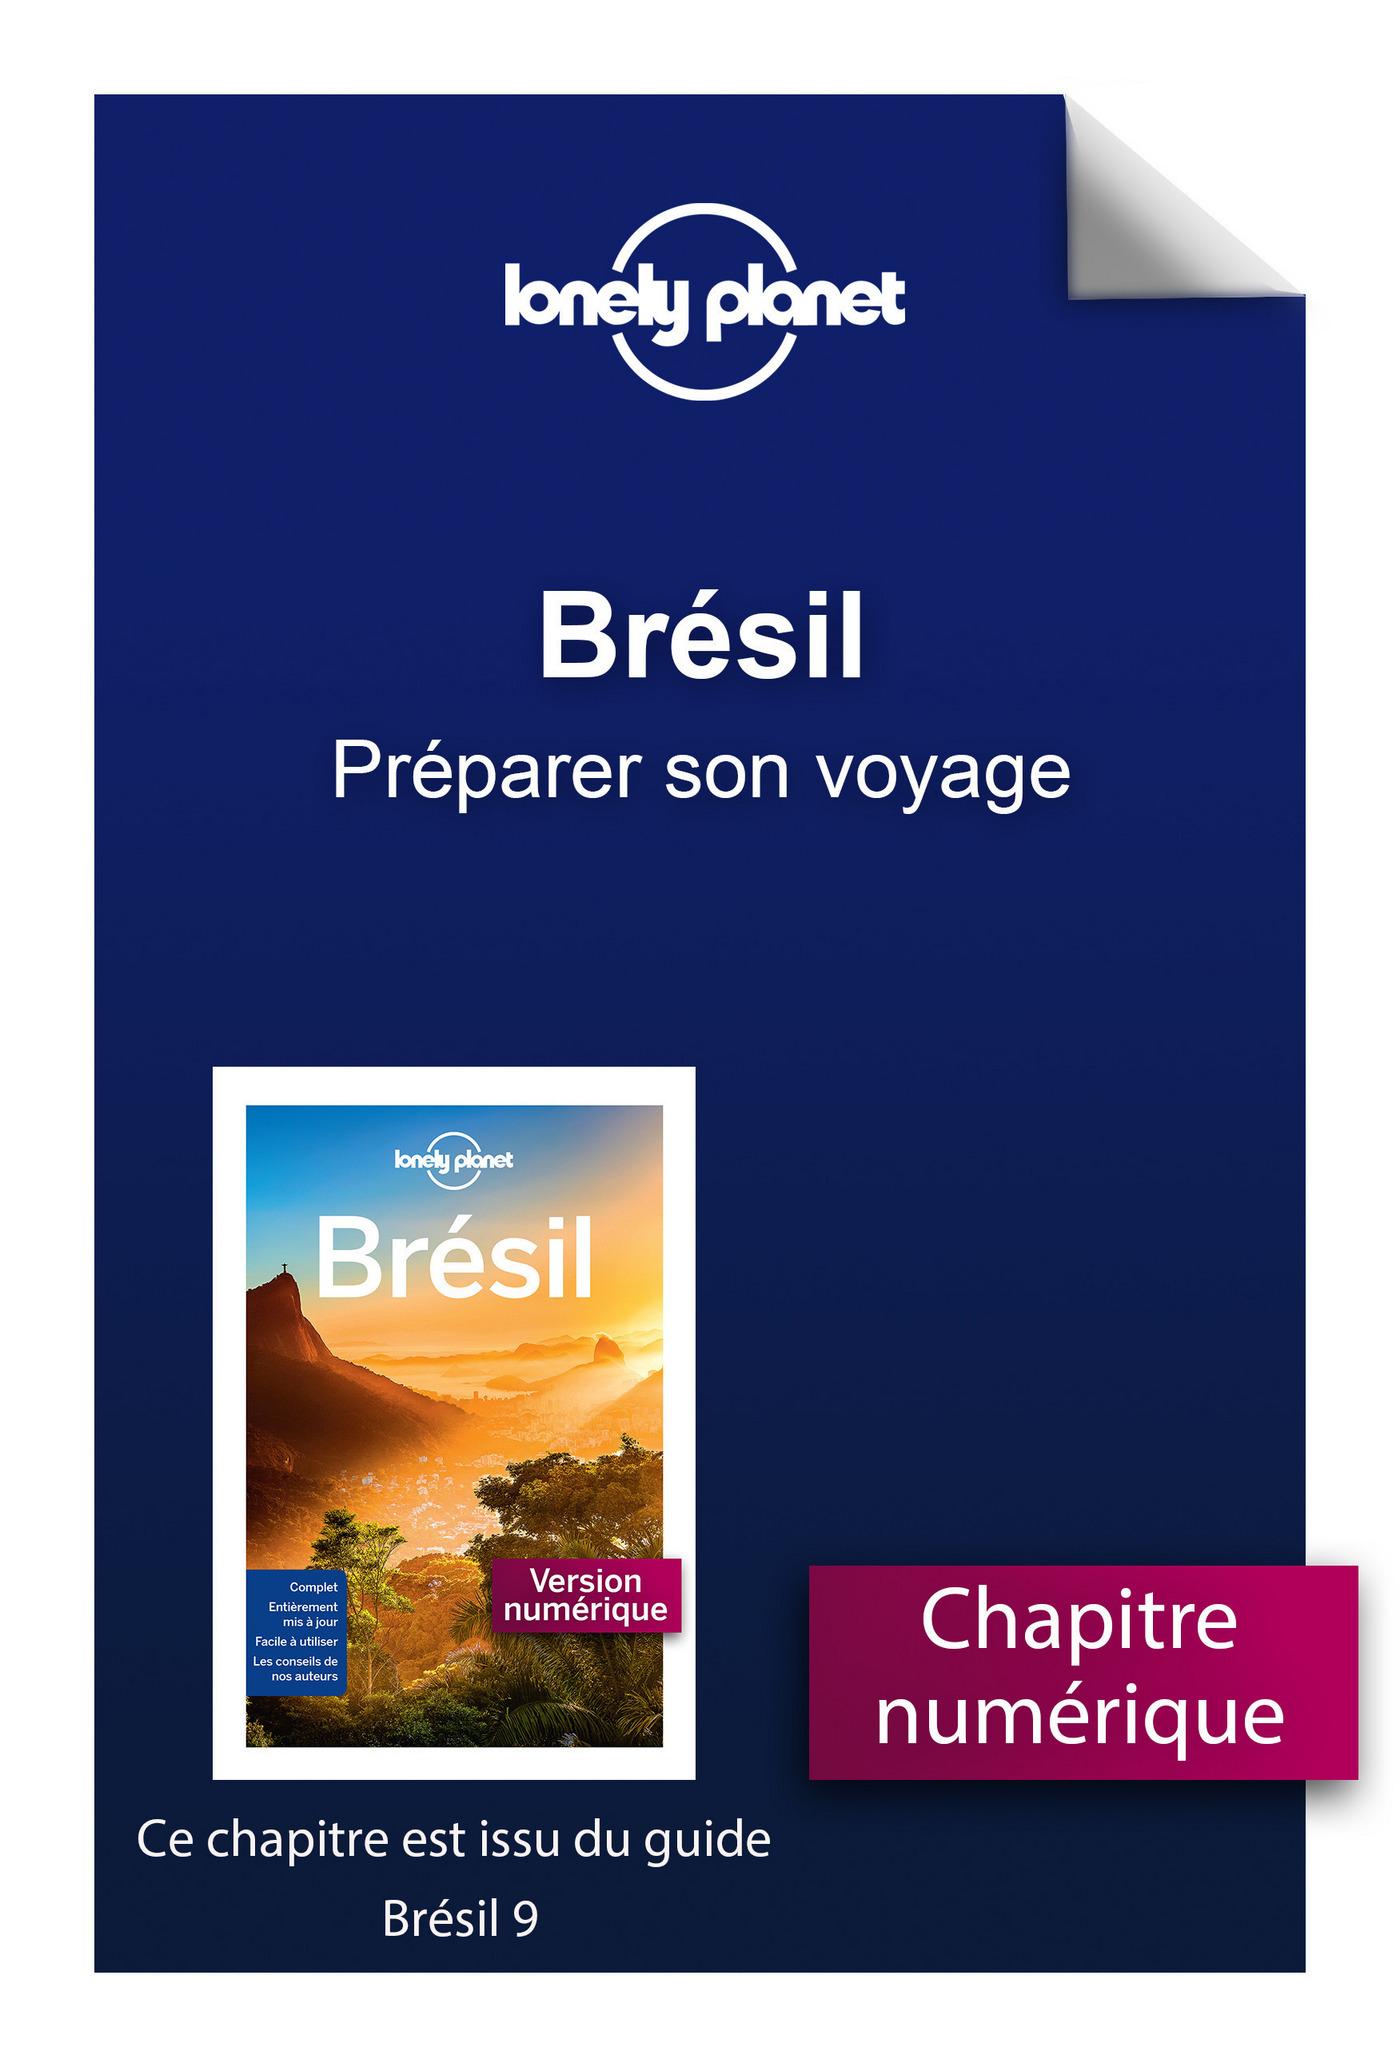 Brésil 9 - Préparer son voyage